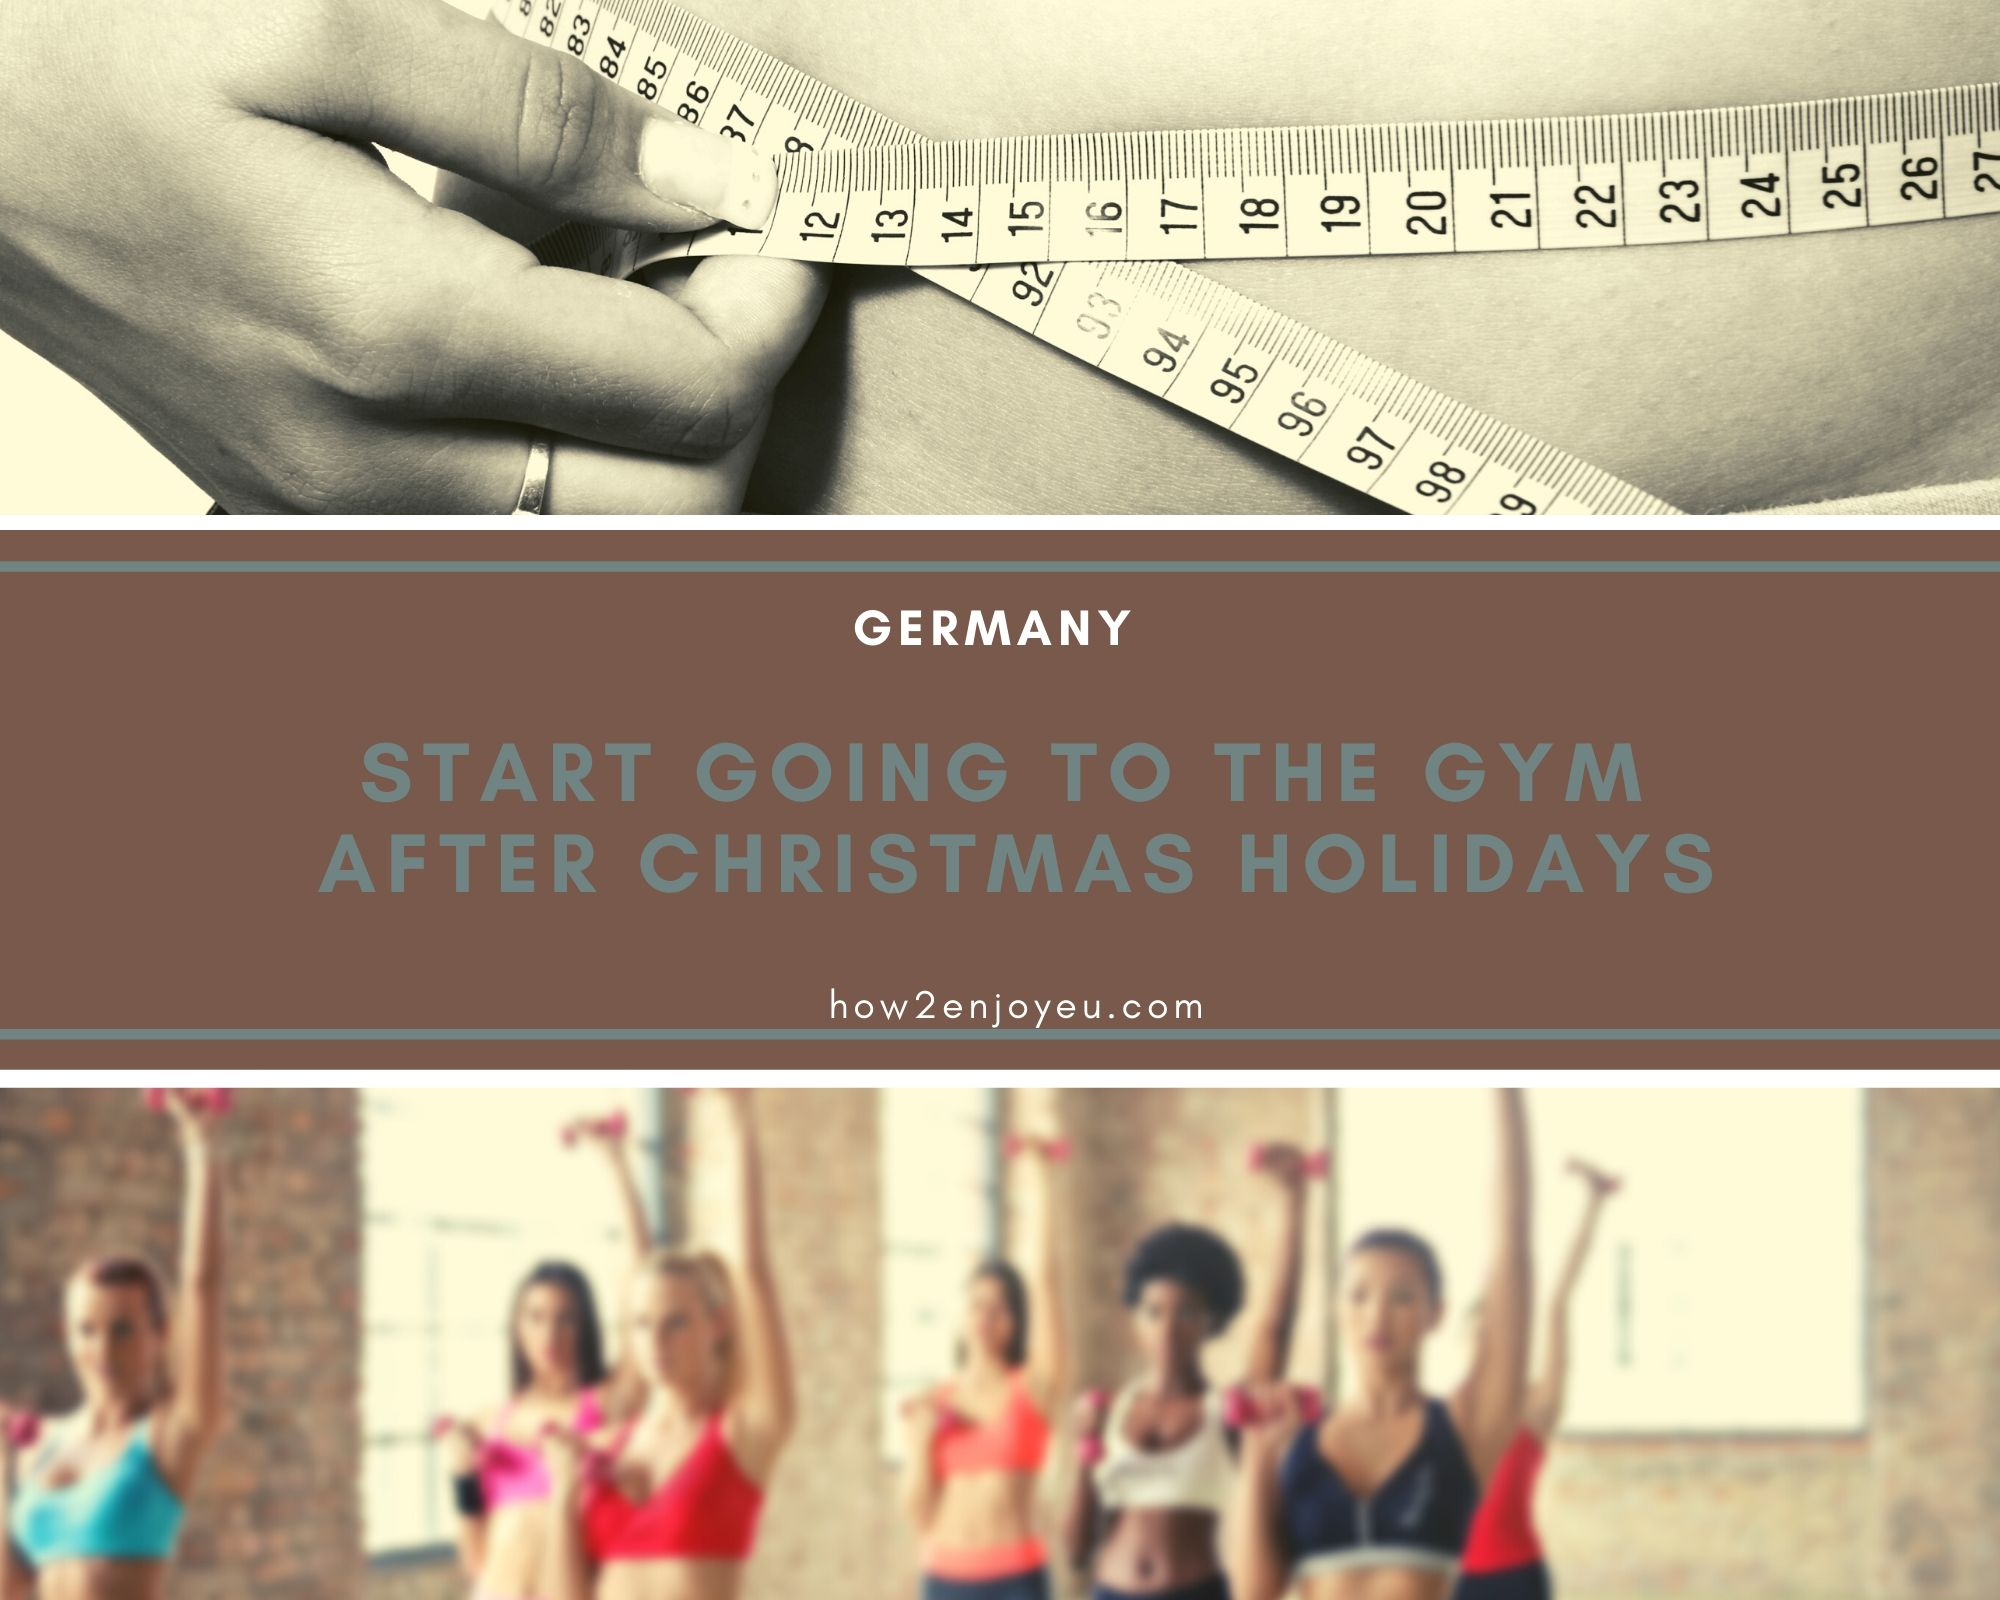 ドイツ人が一年で最もダイエットに励むのは何時?